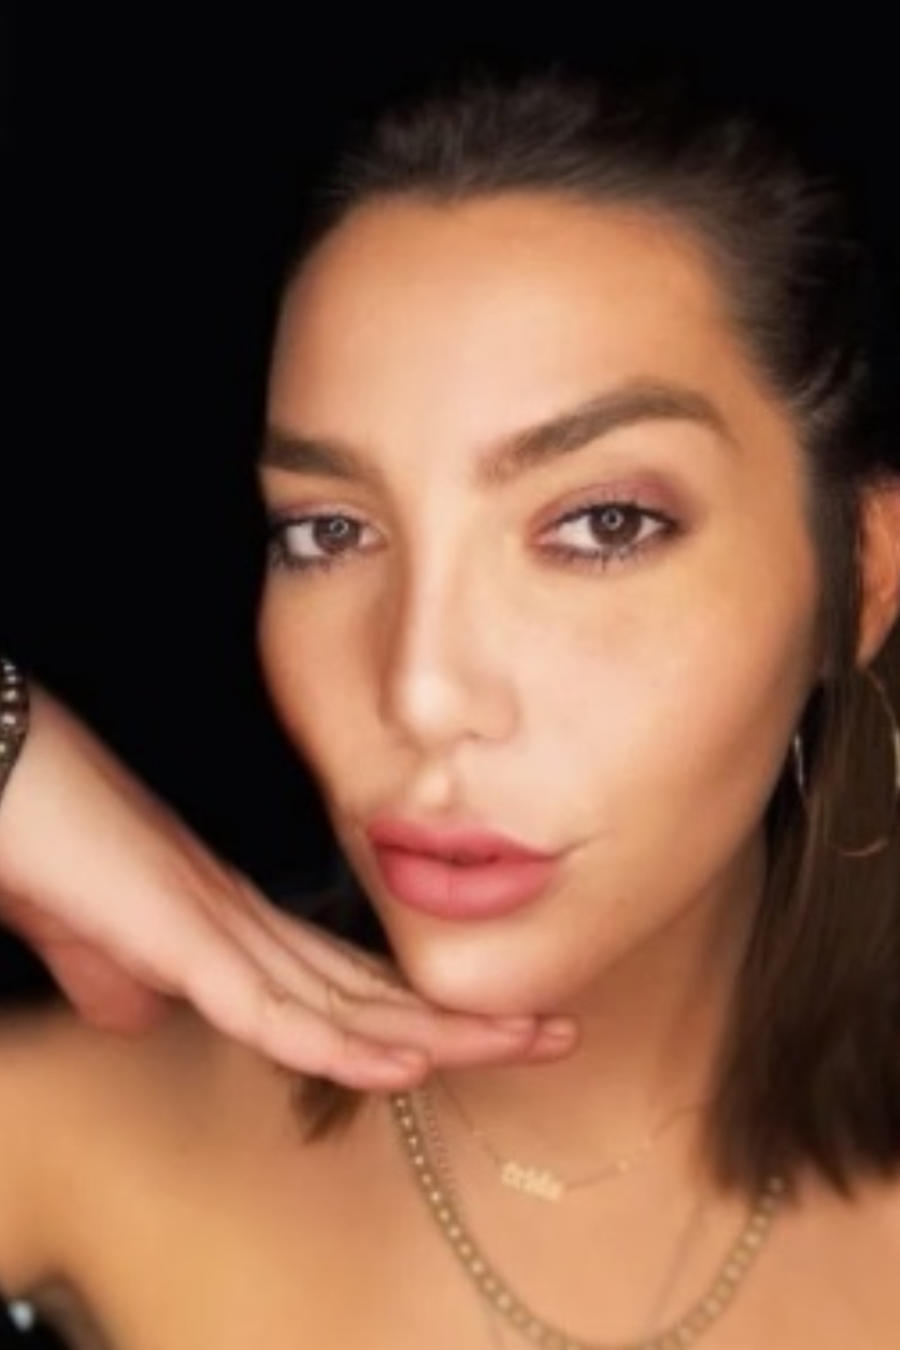 Frida Sofía mostrando su rostro